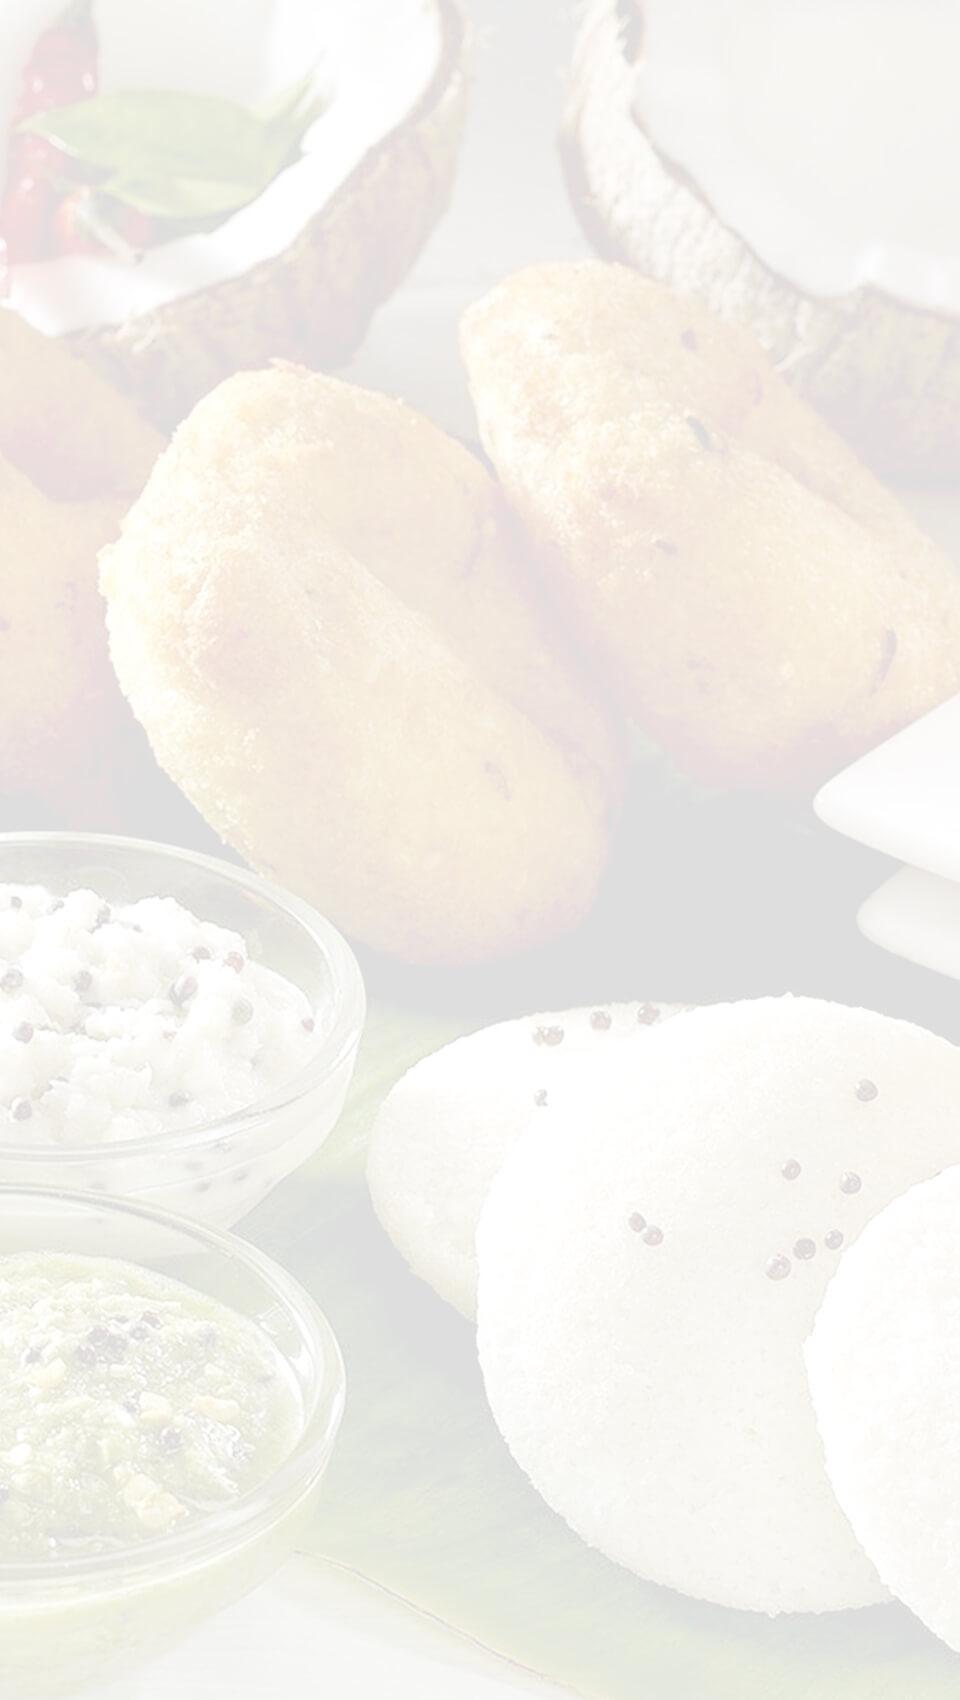 Harchanaas - harchanaas - buzztm - Harchanas - catering service